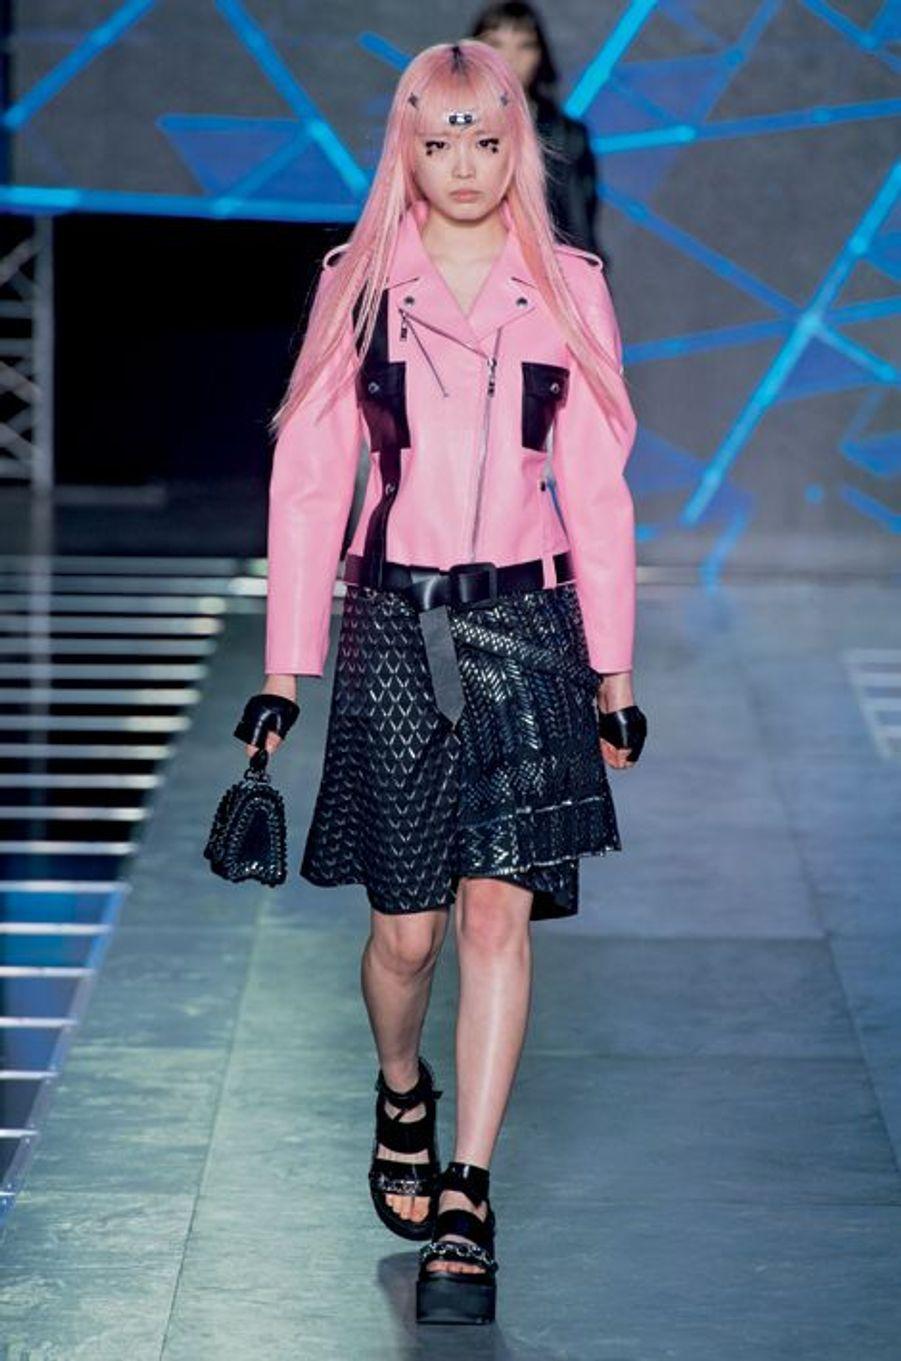 Ode à la culture geek : perfecto et jupe en soie avec des pièces thermocollées.Dans la cour Carrée du Louvre, le final du défilé Dior. En tête, le mannequin porte un pull court festonné en jacquard de laine bleu cobalt sur une robe chemise en voile de coton.Un champ de 400 000 delphiniums et une forêt de Smartphone. Si le réseau est saturé autour des podiums, c'est que les créateurs conviés à la Fashion Week ne manquent pas d'inspiration. Avec une collection « singulièrement futuriste et étrangement romantique », Raf Simons a donné le ton pour cette semaine de shows spectaculaires relayés dans le monde entier sur les réseaux sociaux. En plein mois d'octobre, la capitale française a décliné le printemps prochain en 91 défilés et une promesse : le pouvoir de séduction revient en force avec une mode ultra féminine. Alors que la femme fleur de Dior dégage pureté et simplicité, la dame de fer choisit le clinquant : pendant huit jours, la tour Eiffel a affiché « La mode aime Paris ».Justicière de l'espace aux cheveux roses tout droit sortie de studios d'animation japonais, tribu de nomades aux crêtes iroquoises acidulées, gladiatrices aux cuissardes en vinyle… Quand la mode rencontre la technologie et l'univers numérique, les enseignes de prêt-à-porter mêlent l'esthétique des jeux vidéo ou des dessins animés aux codes vestimentaires de la rue. Avant-garde et influences rebelles venues du punk ou du rock. Un cocktail détonant pour figurer des héroïnes modernes.Echappée belle porte « N° 5 »… Quand Karl Lagerfeld prend les commandes de la « Chanel Airlines », le Grand Palais devient l'aéroport « Paris Cambon », temple de l'escale aérienne. Entre les comptoirs d'enregistrement et les bancs métalliques, circulent des vacancières sophistiquées mais décontractées, casquettes à l'envers ou chemises nouées autour de la taille. « J'aime cette idée de vêtements faits de matières très riches, et portés comme du streetwear », dit le couturier. Les passagères du terminal « 2C » sont le